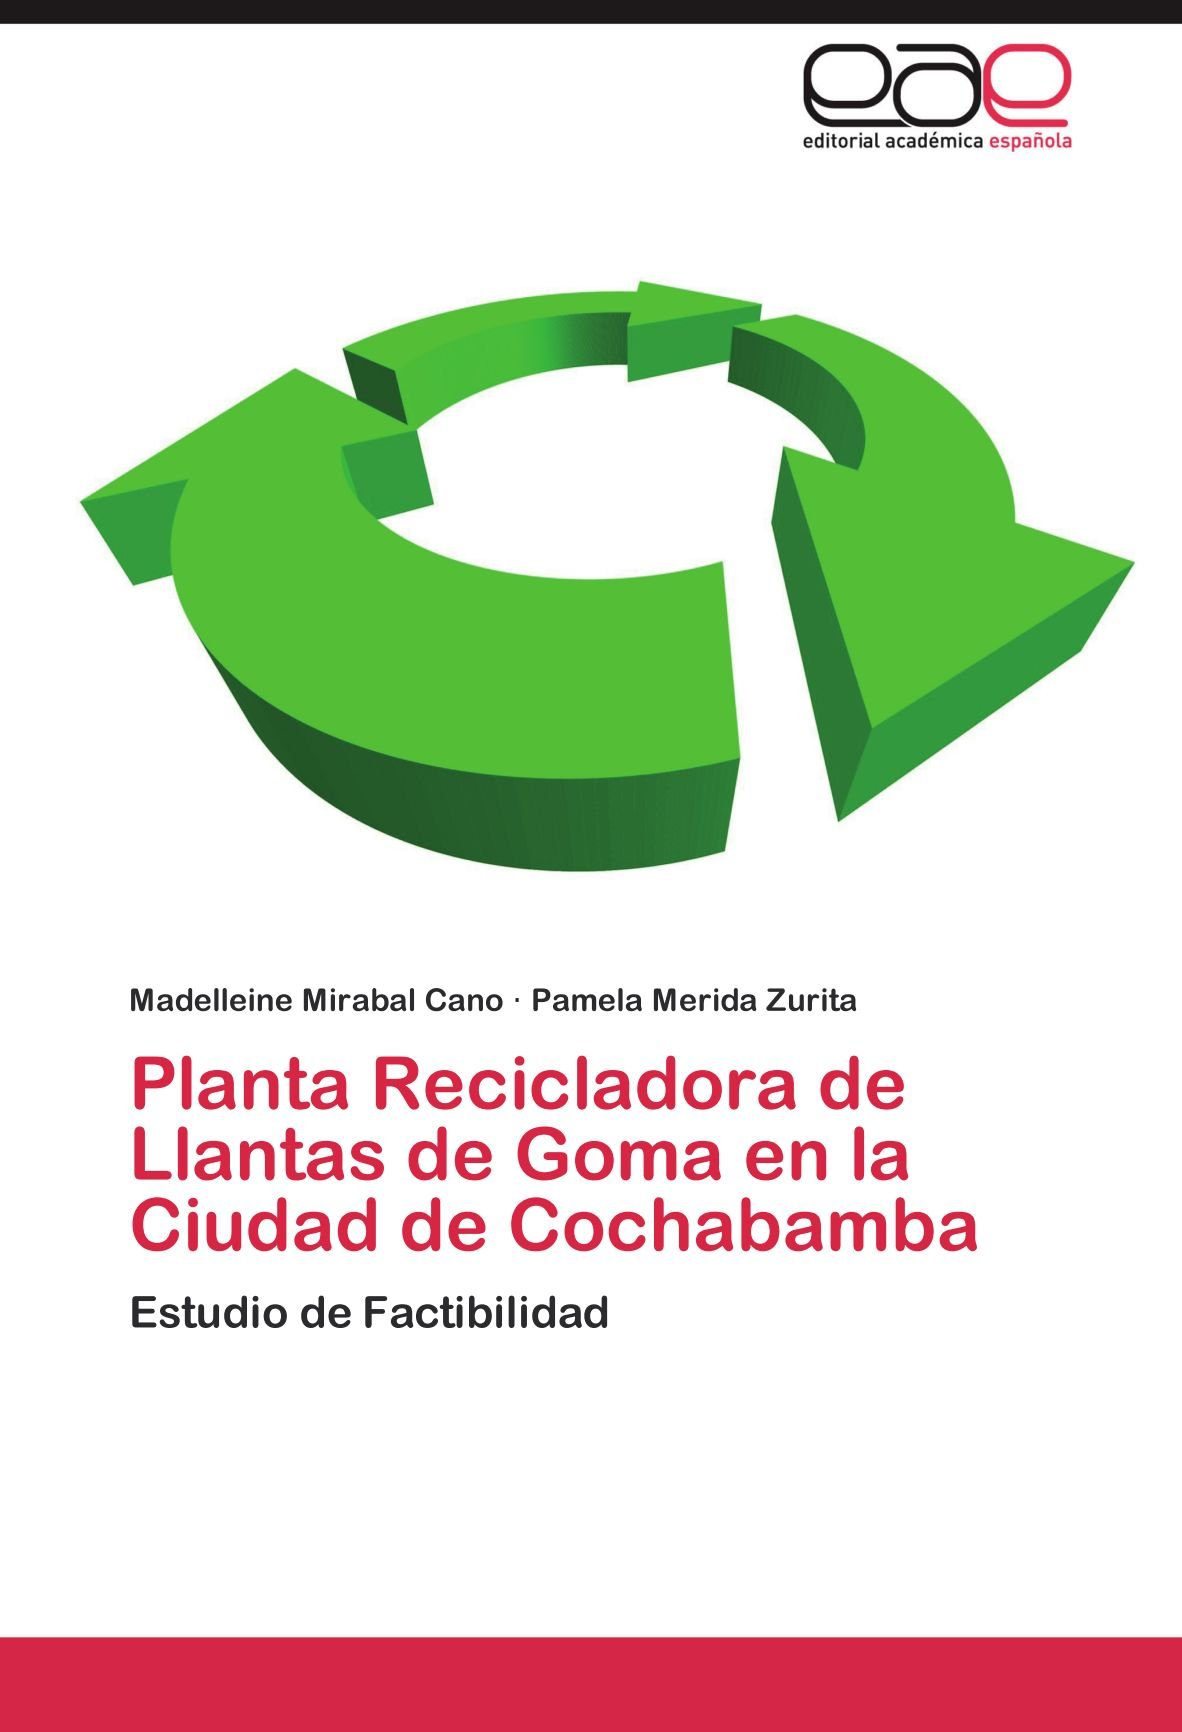 Planta Recicladora de Llantas de Goma en la Ciudad de Cochabamba: Estudio de Factibilidad (Spanish Edition) pdf